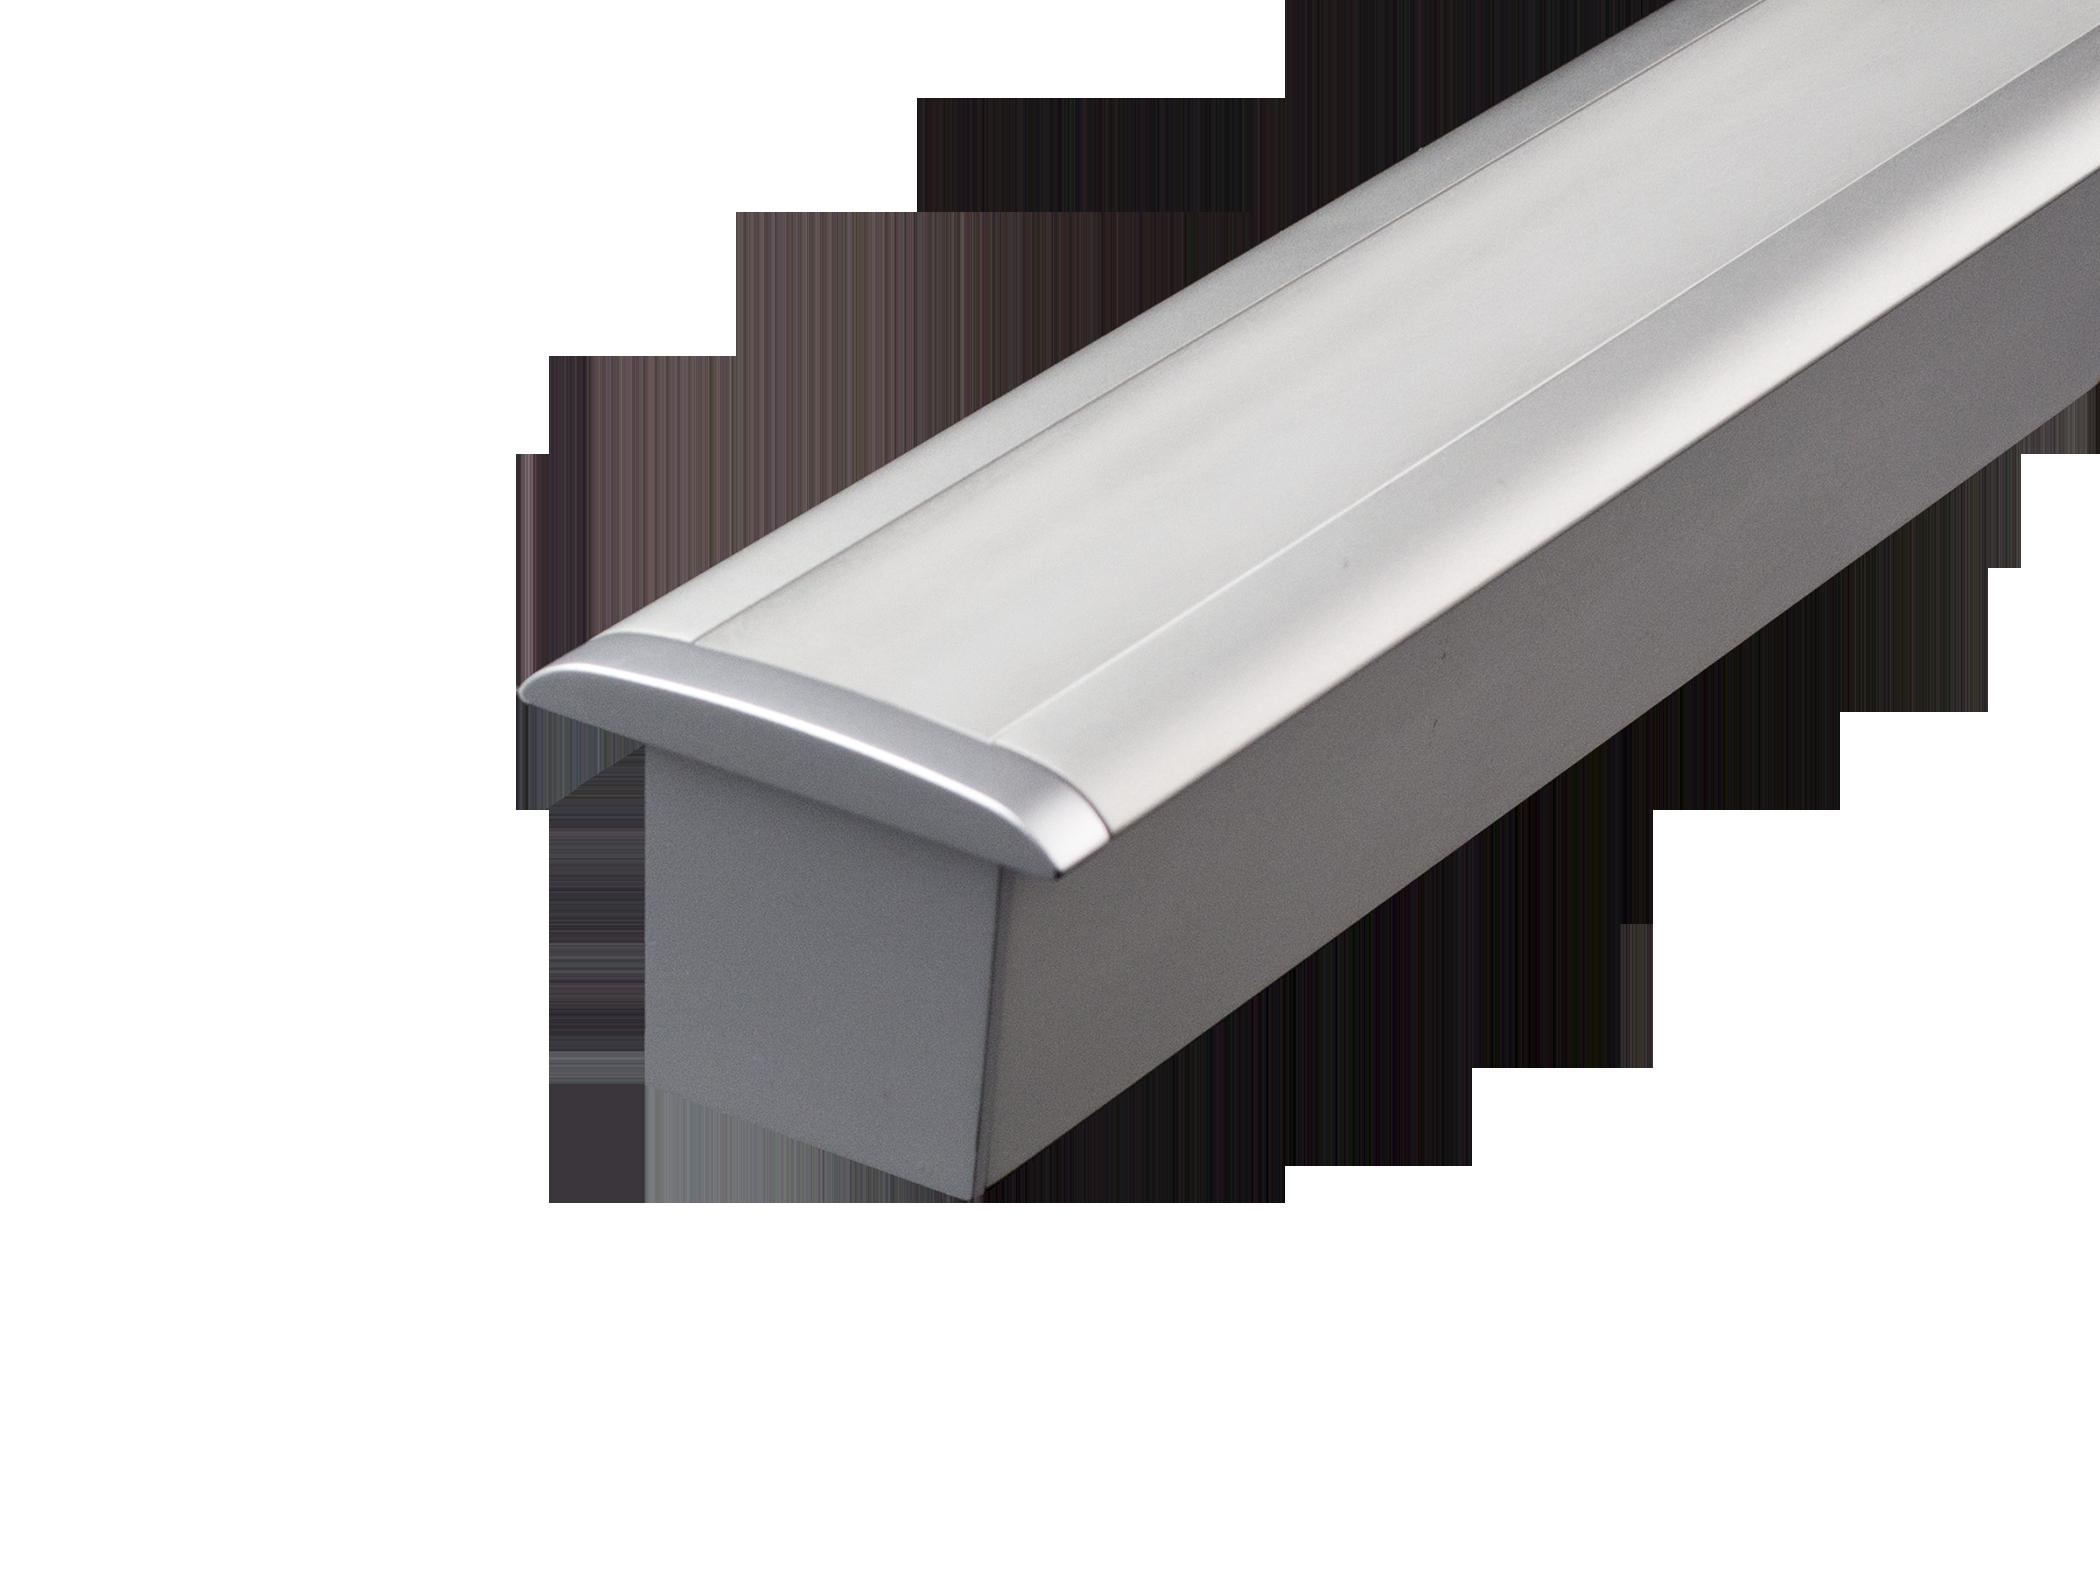 Title image of Floorline ALU 50 linear